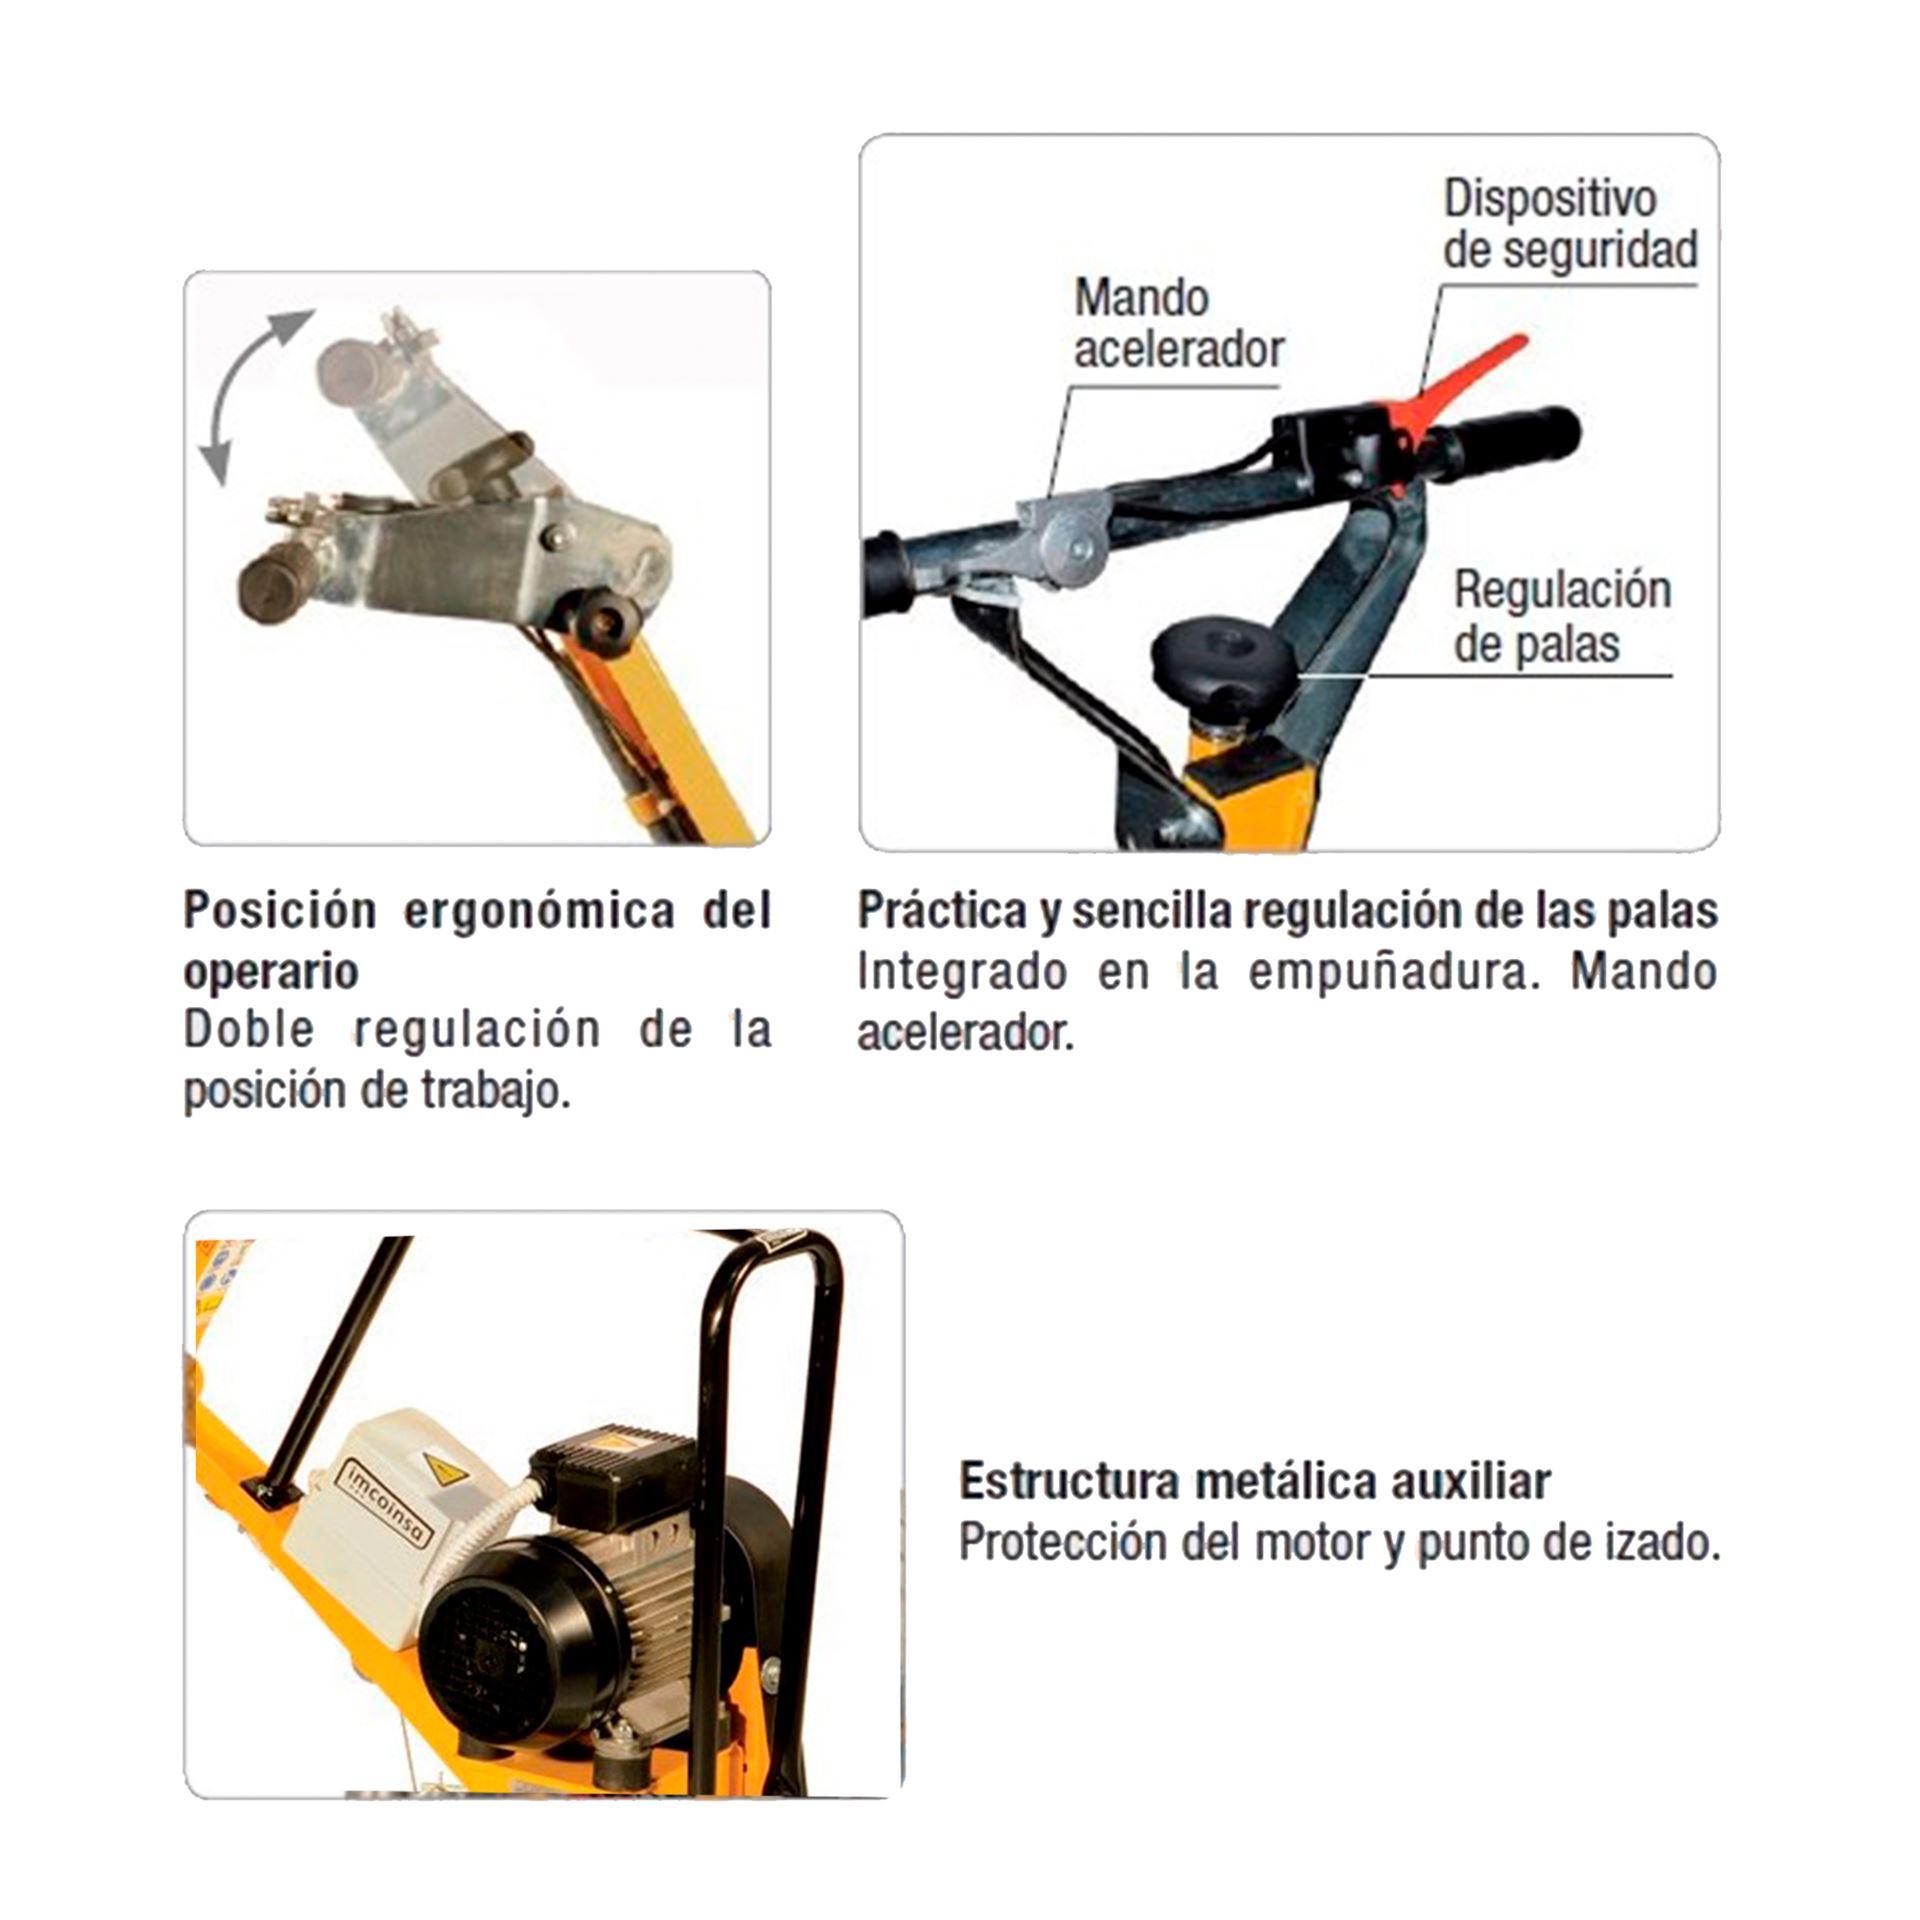 Imagen de Fratasadora hormigón eléctrica Imcoinsa 2A06